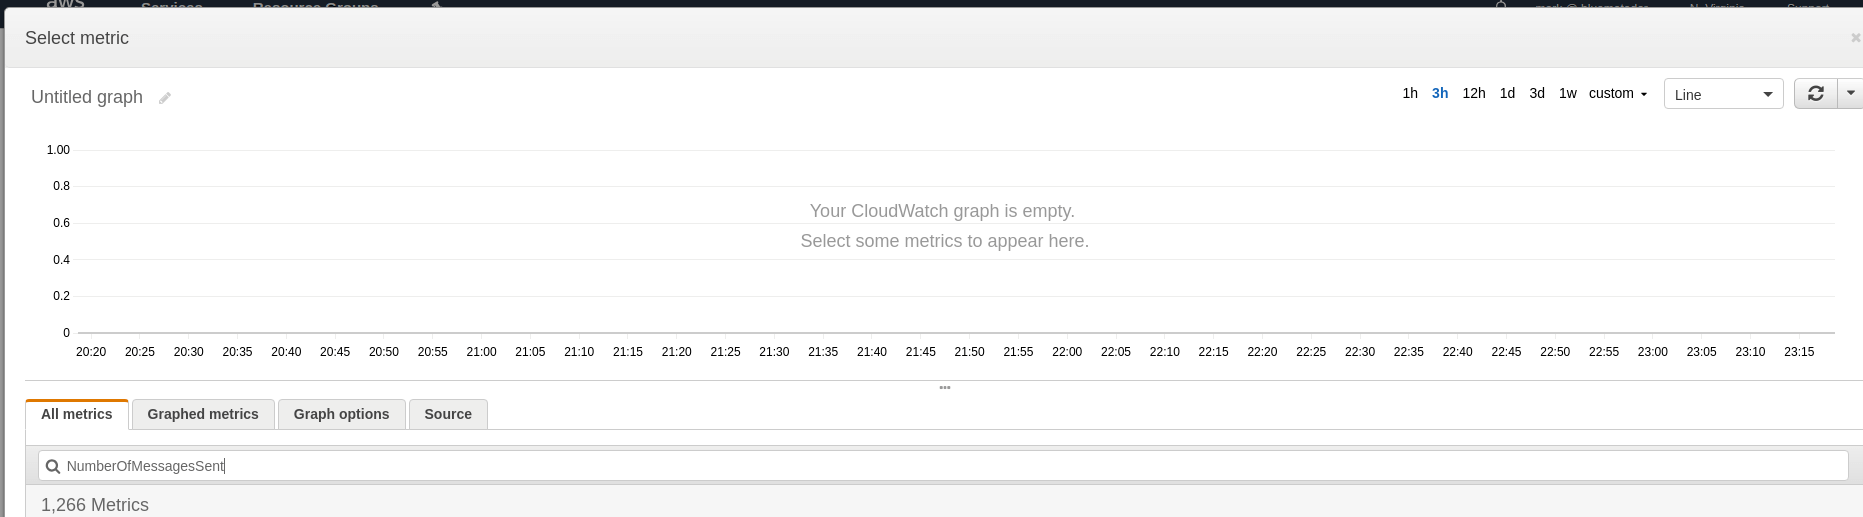 select-metric